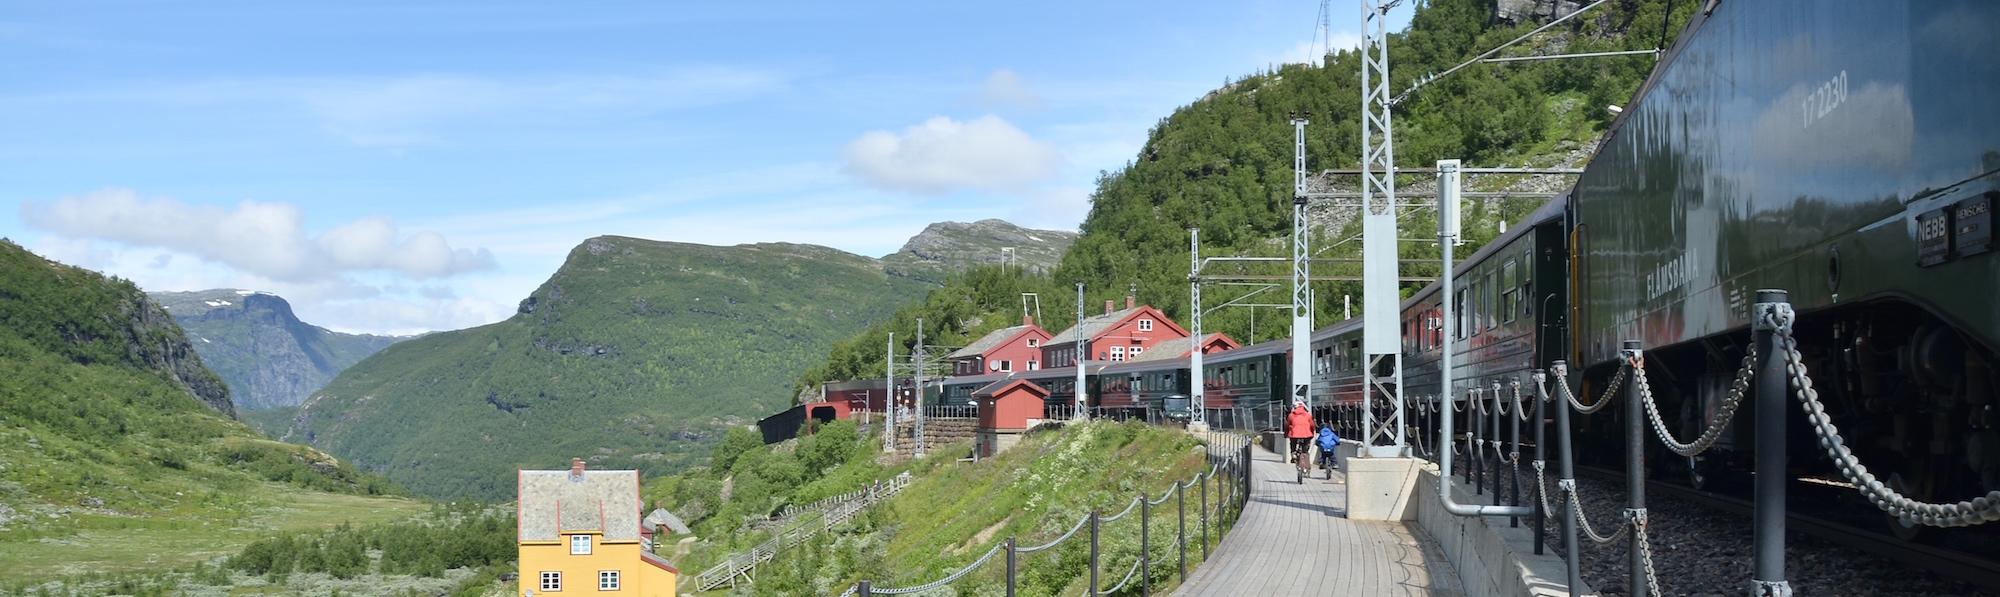 Tren Flam a Myrdal, Flam